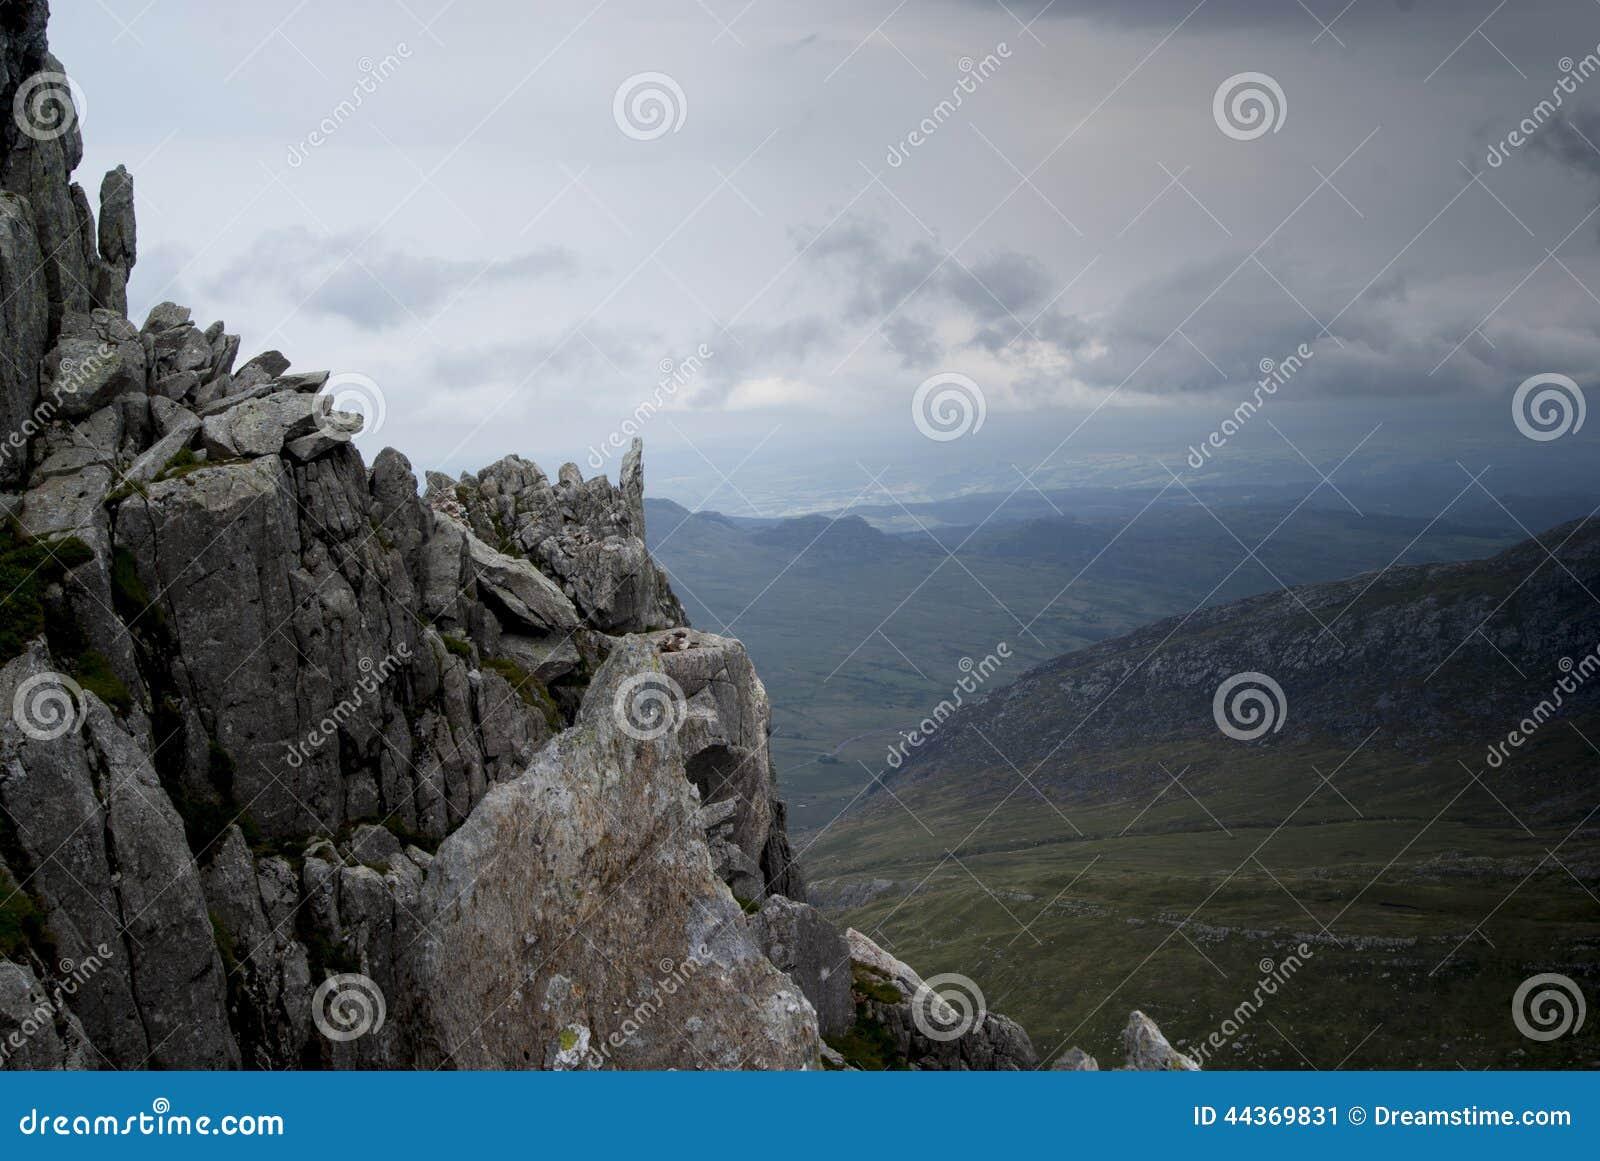 Mountain View di presentimento